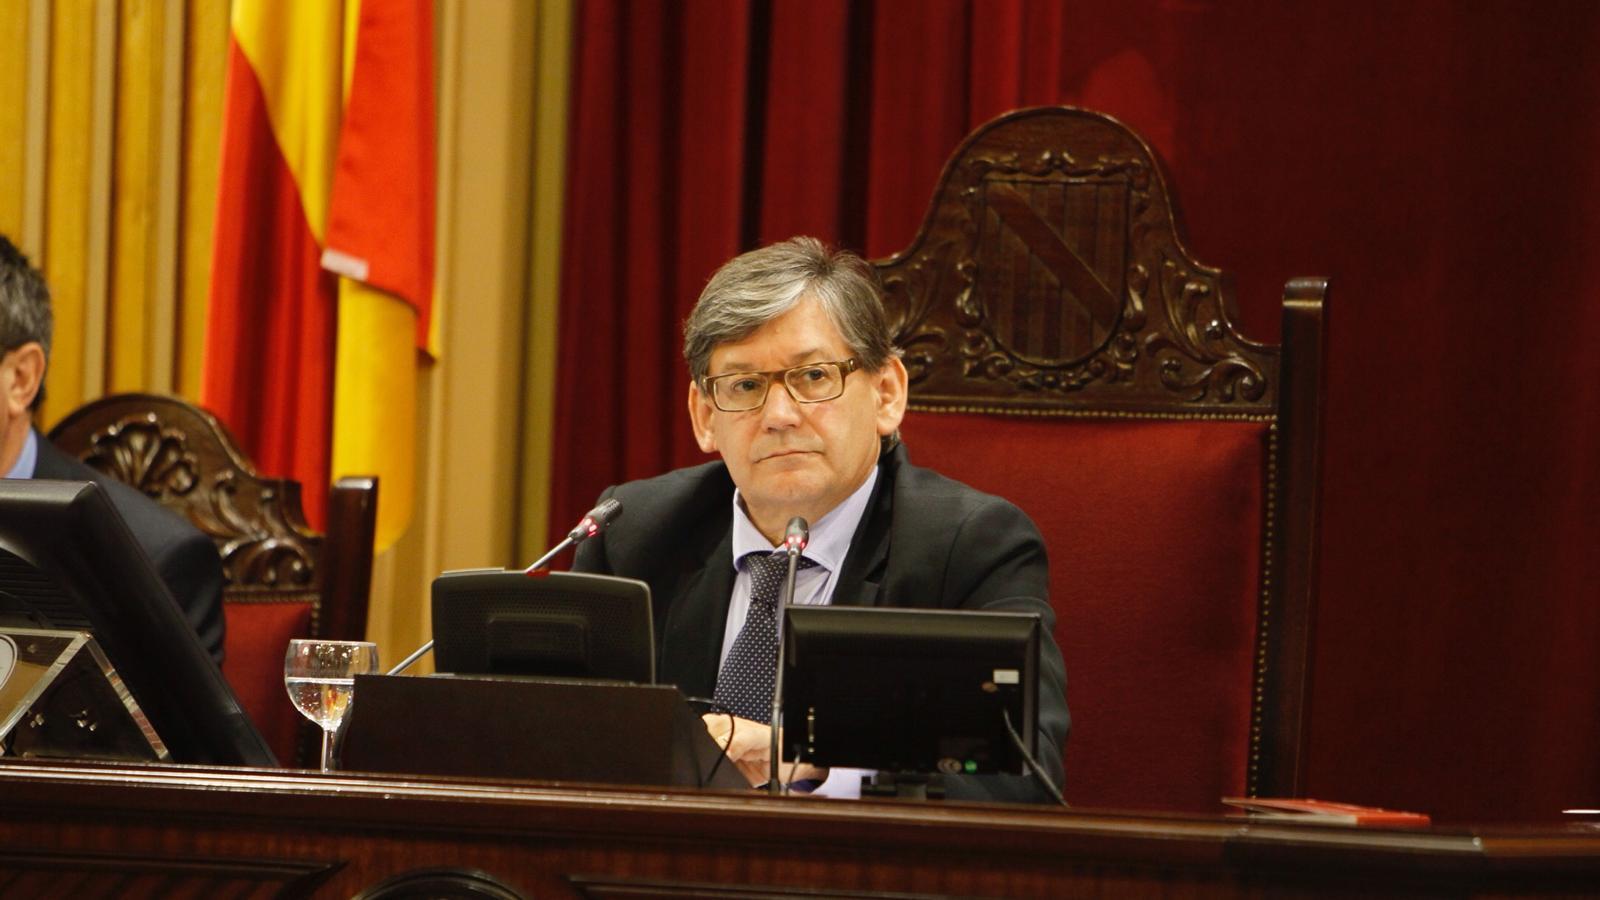 El president en funcions, Vicenç Thomàs, encara podria conduir un segon ple.